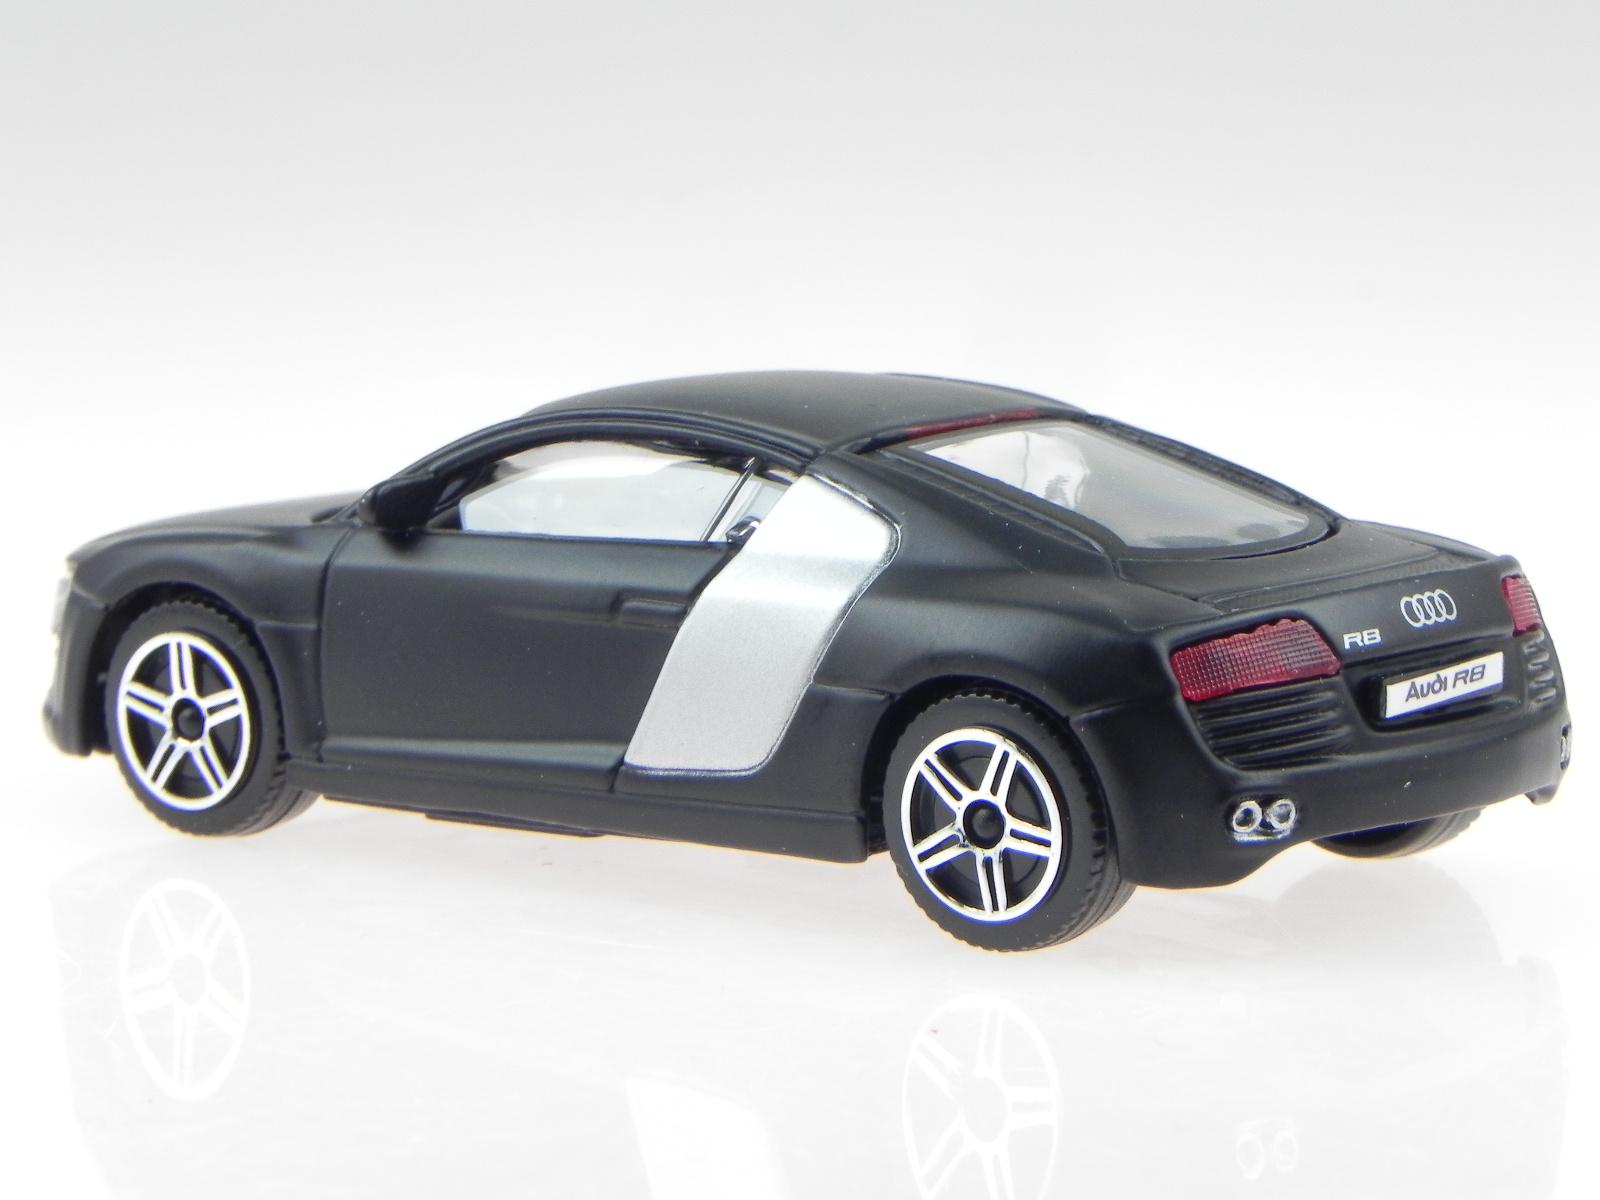 Audi R8 schwarz matt Modellauto Welly 1:24